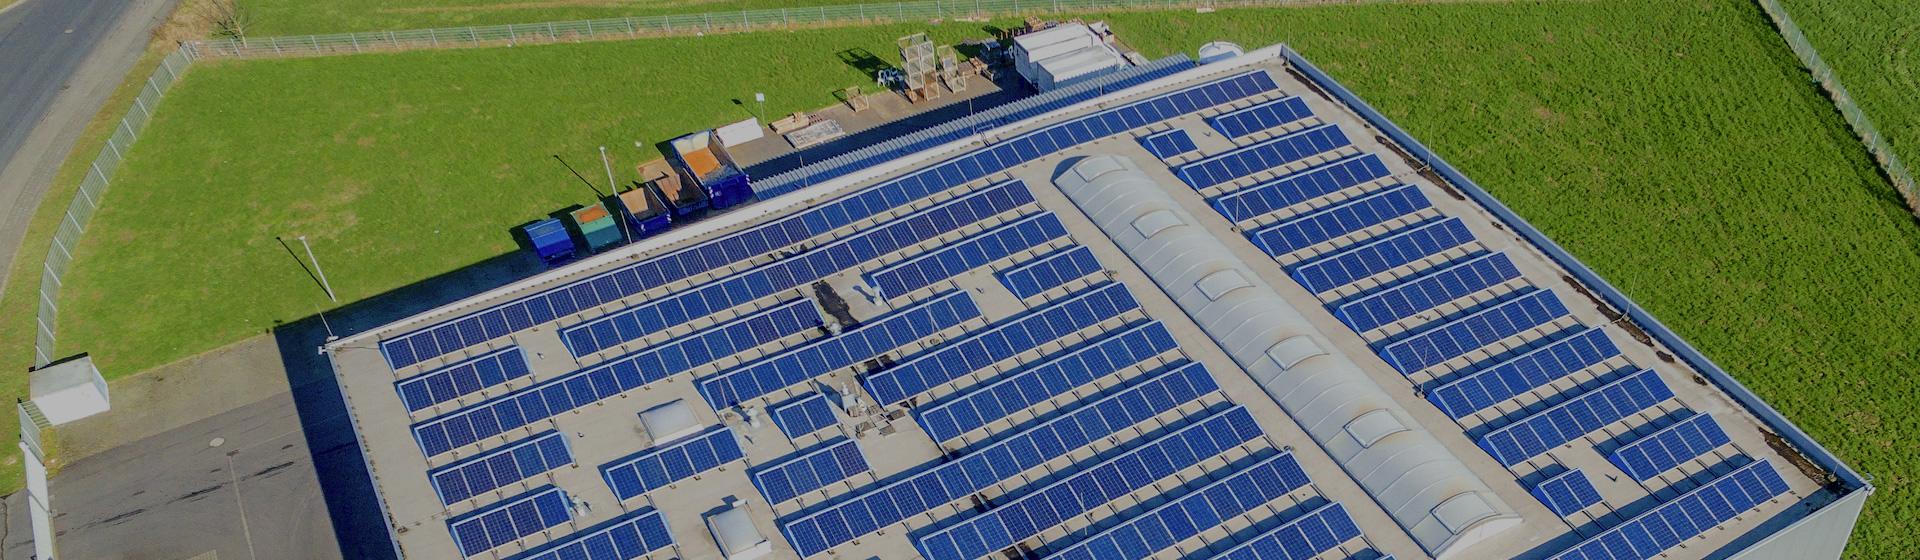 โซลูชันฉลาดผลิต บริการผลิตและจ่ายกระแสไฟฟ้าจากพลังงานสะอาด